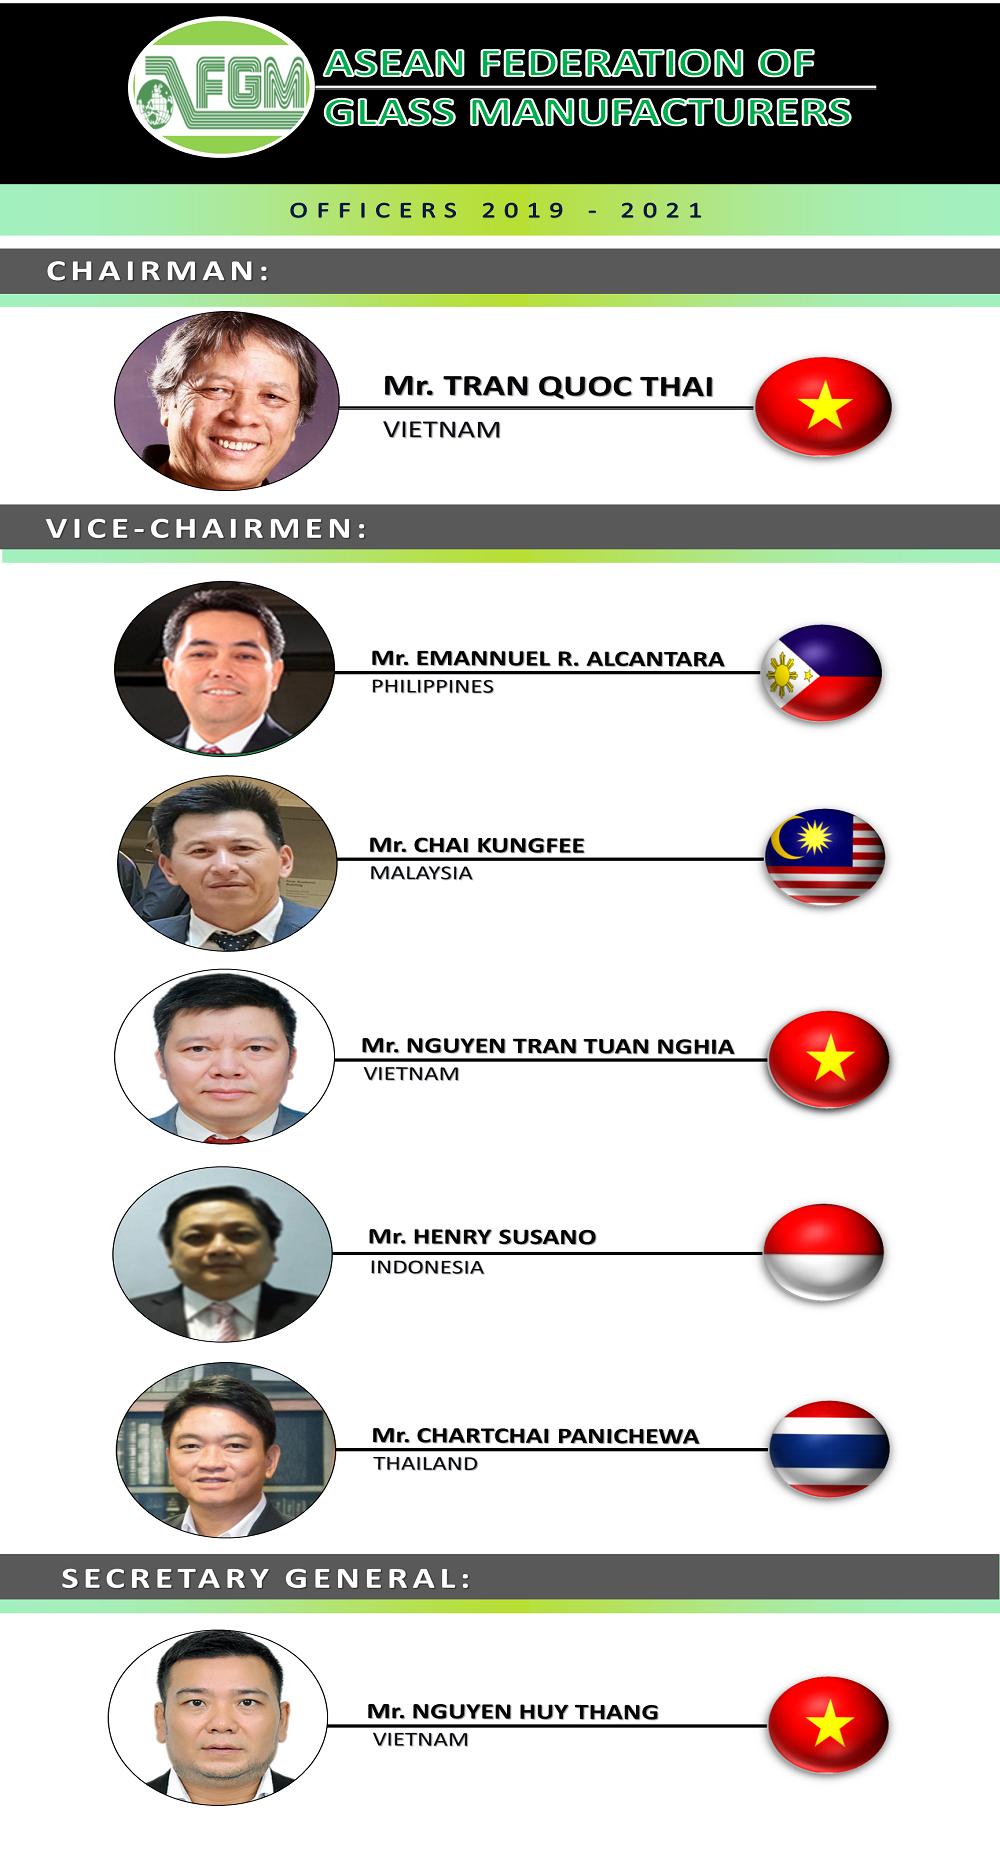 AFGM Officers 2019 - 10072019-1